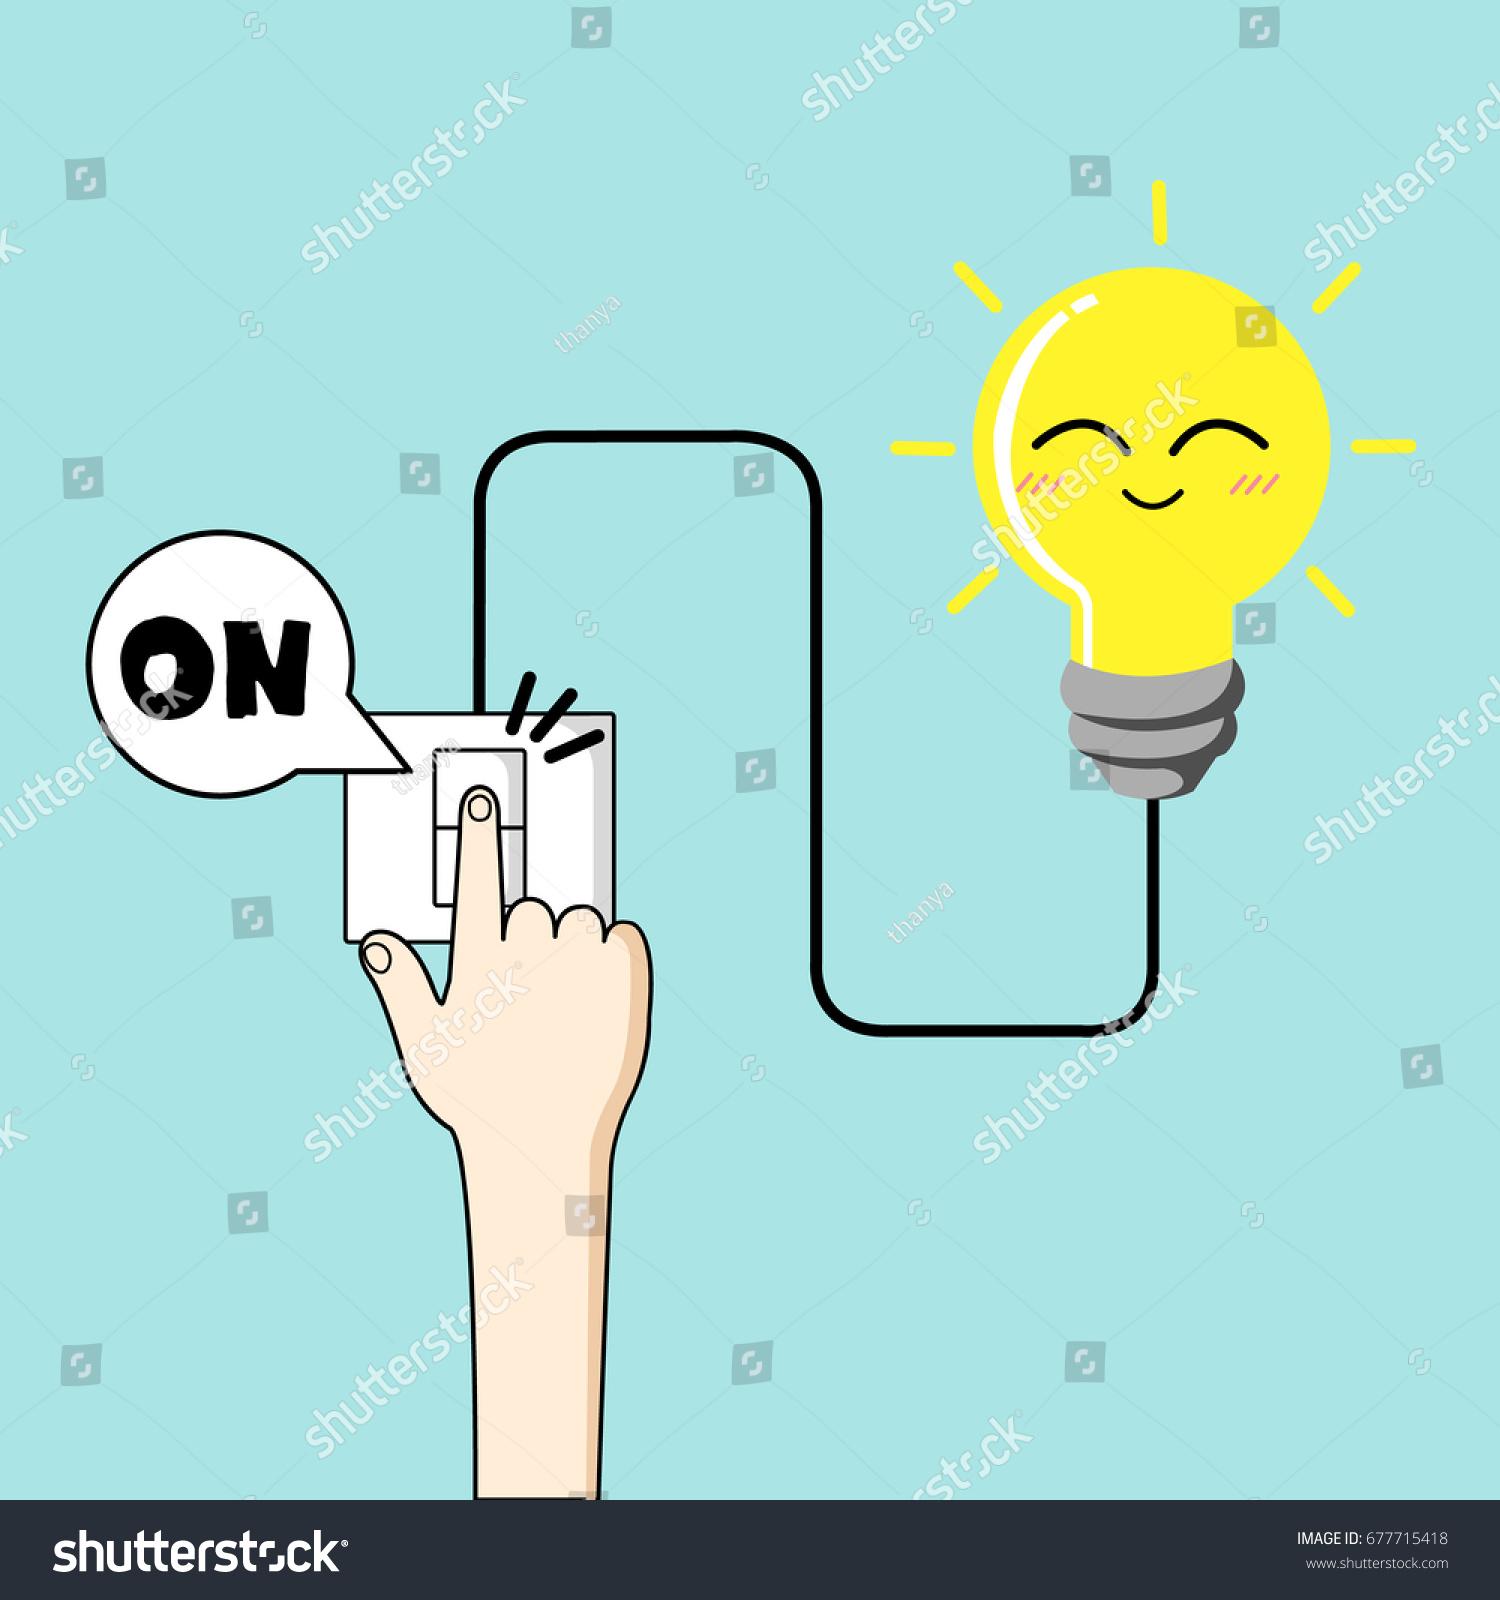 Turn On Light Vector Finger Turn Stock Vector (Royalty Free ...